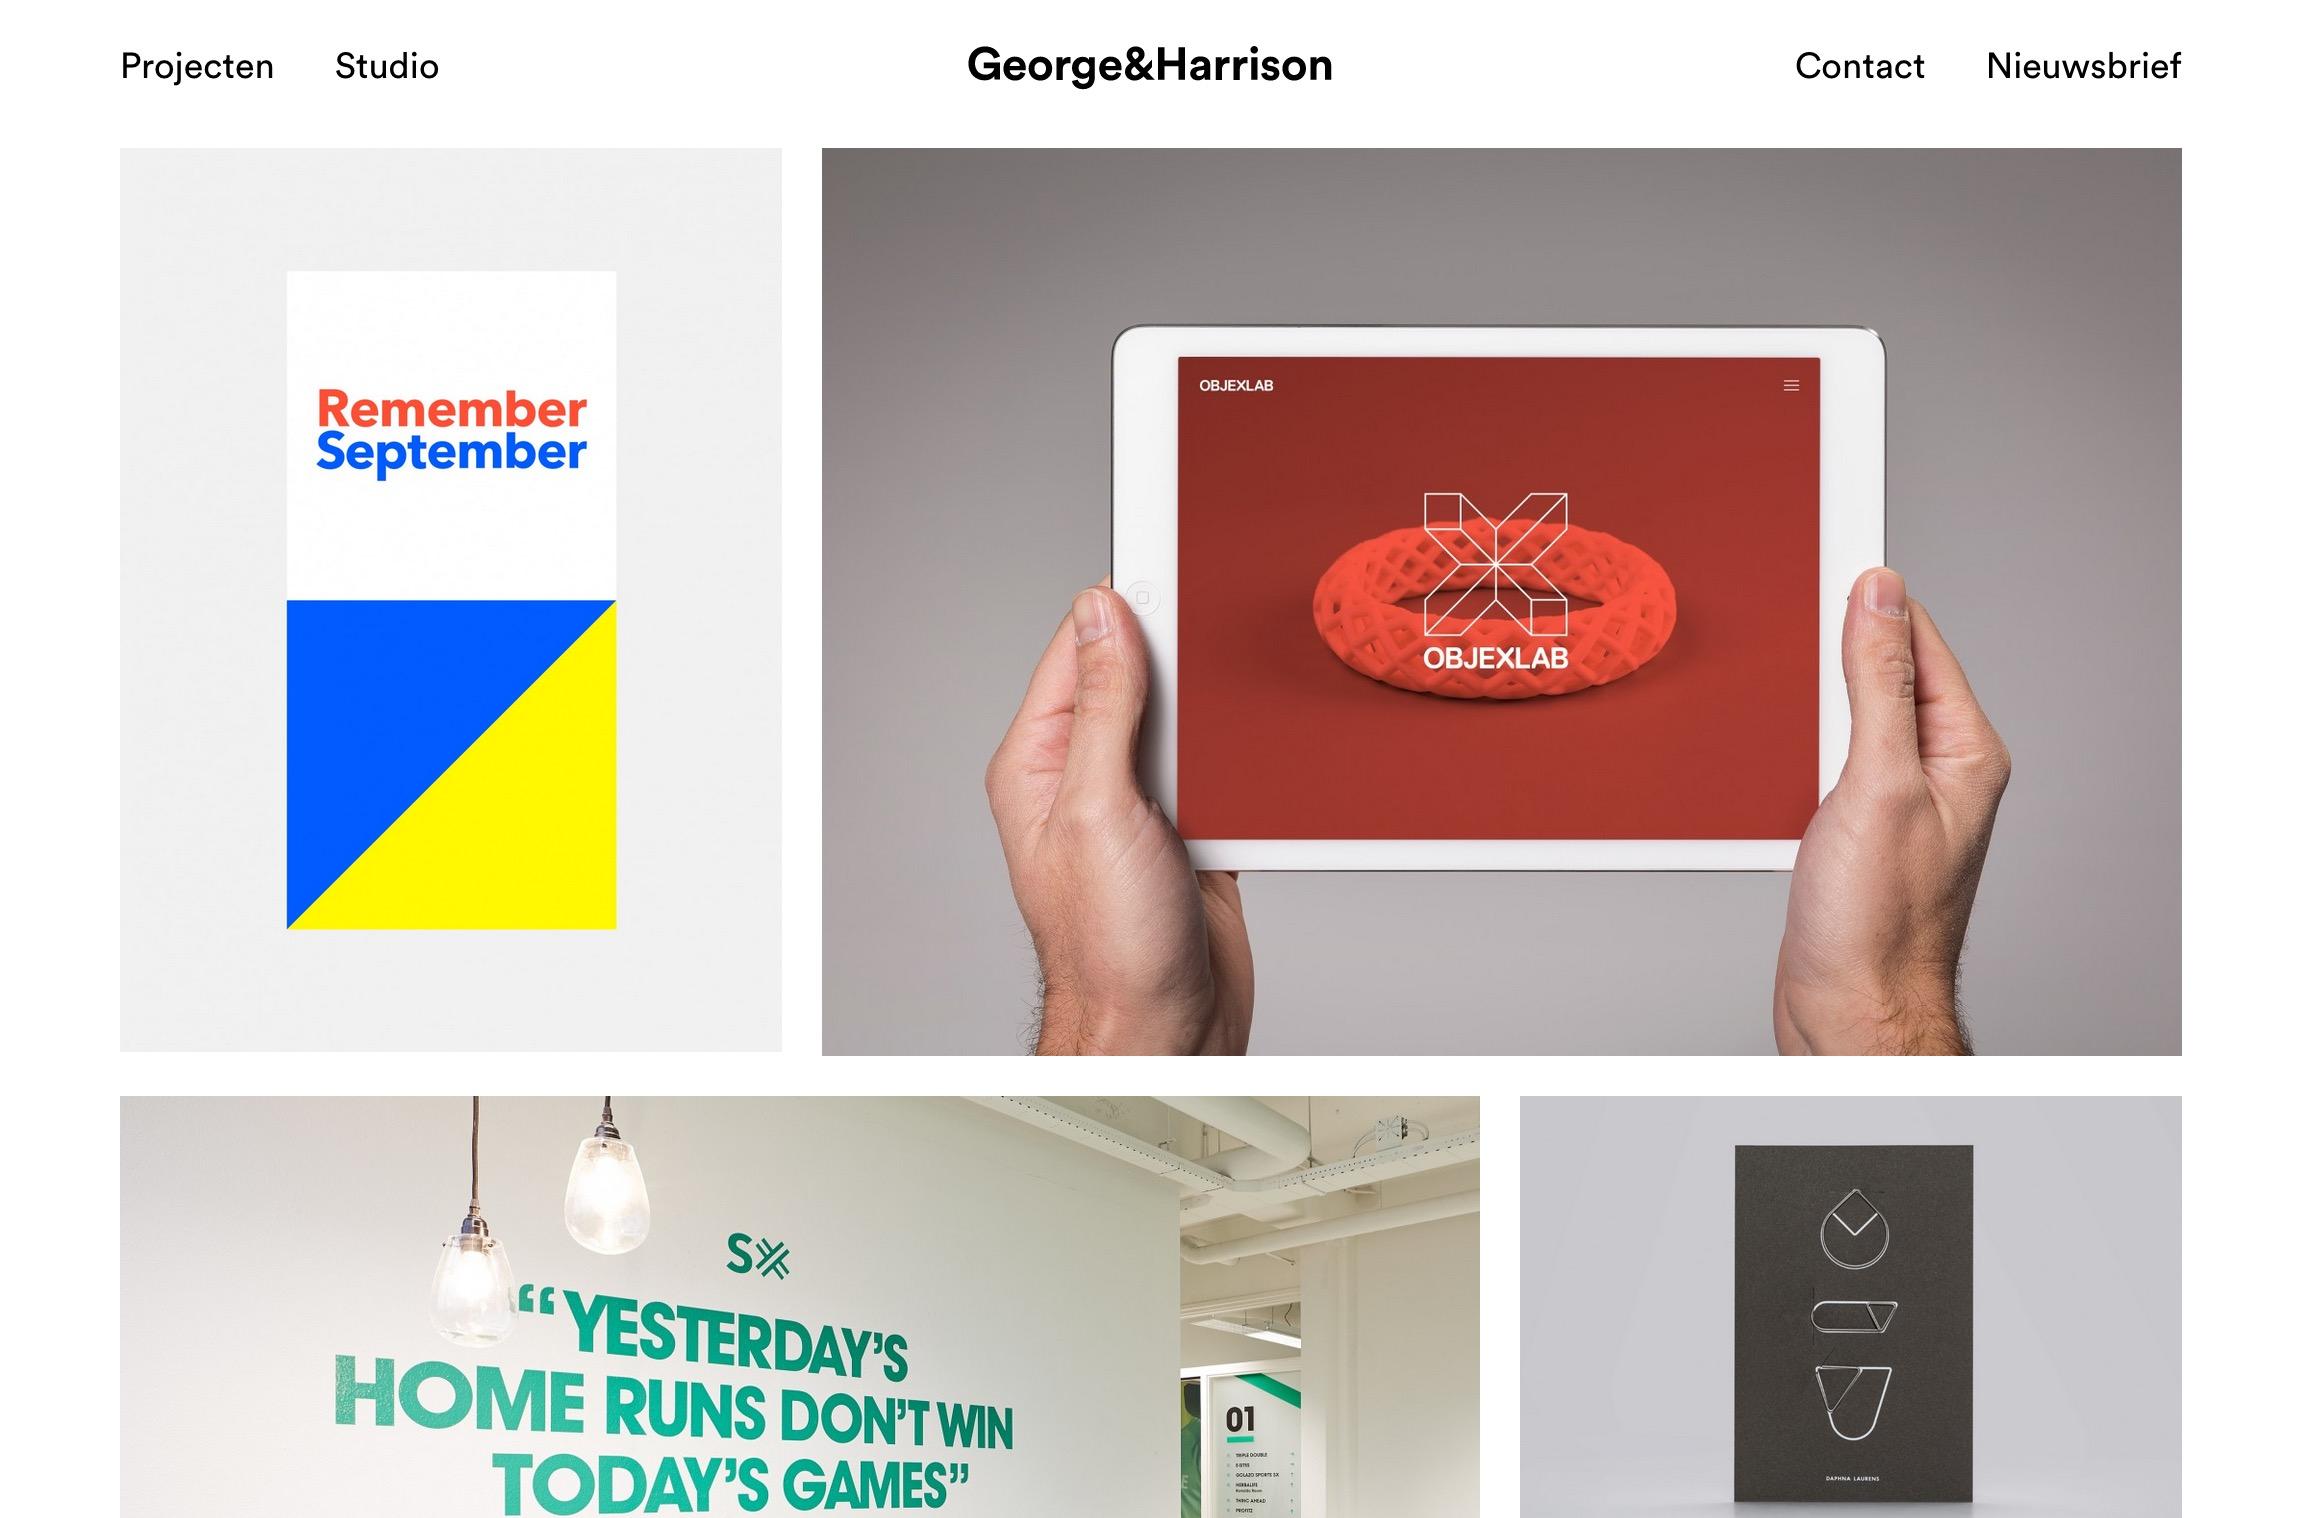 George   Harrison   Creatief   effectief  klein   ambitieus  analytisch   Intuïtief. We zijn een in Eindhoven gevestigde studio  gespecialiseerd in ontwerp voor print en web.